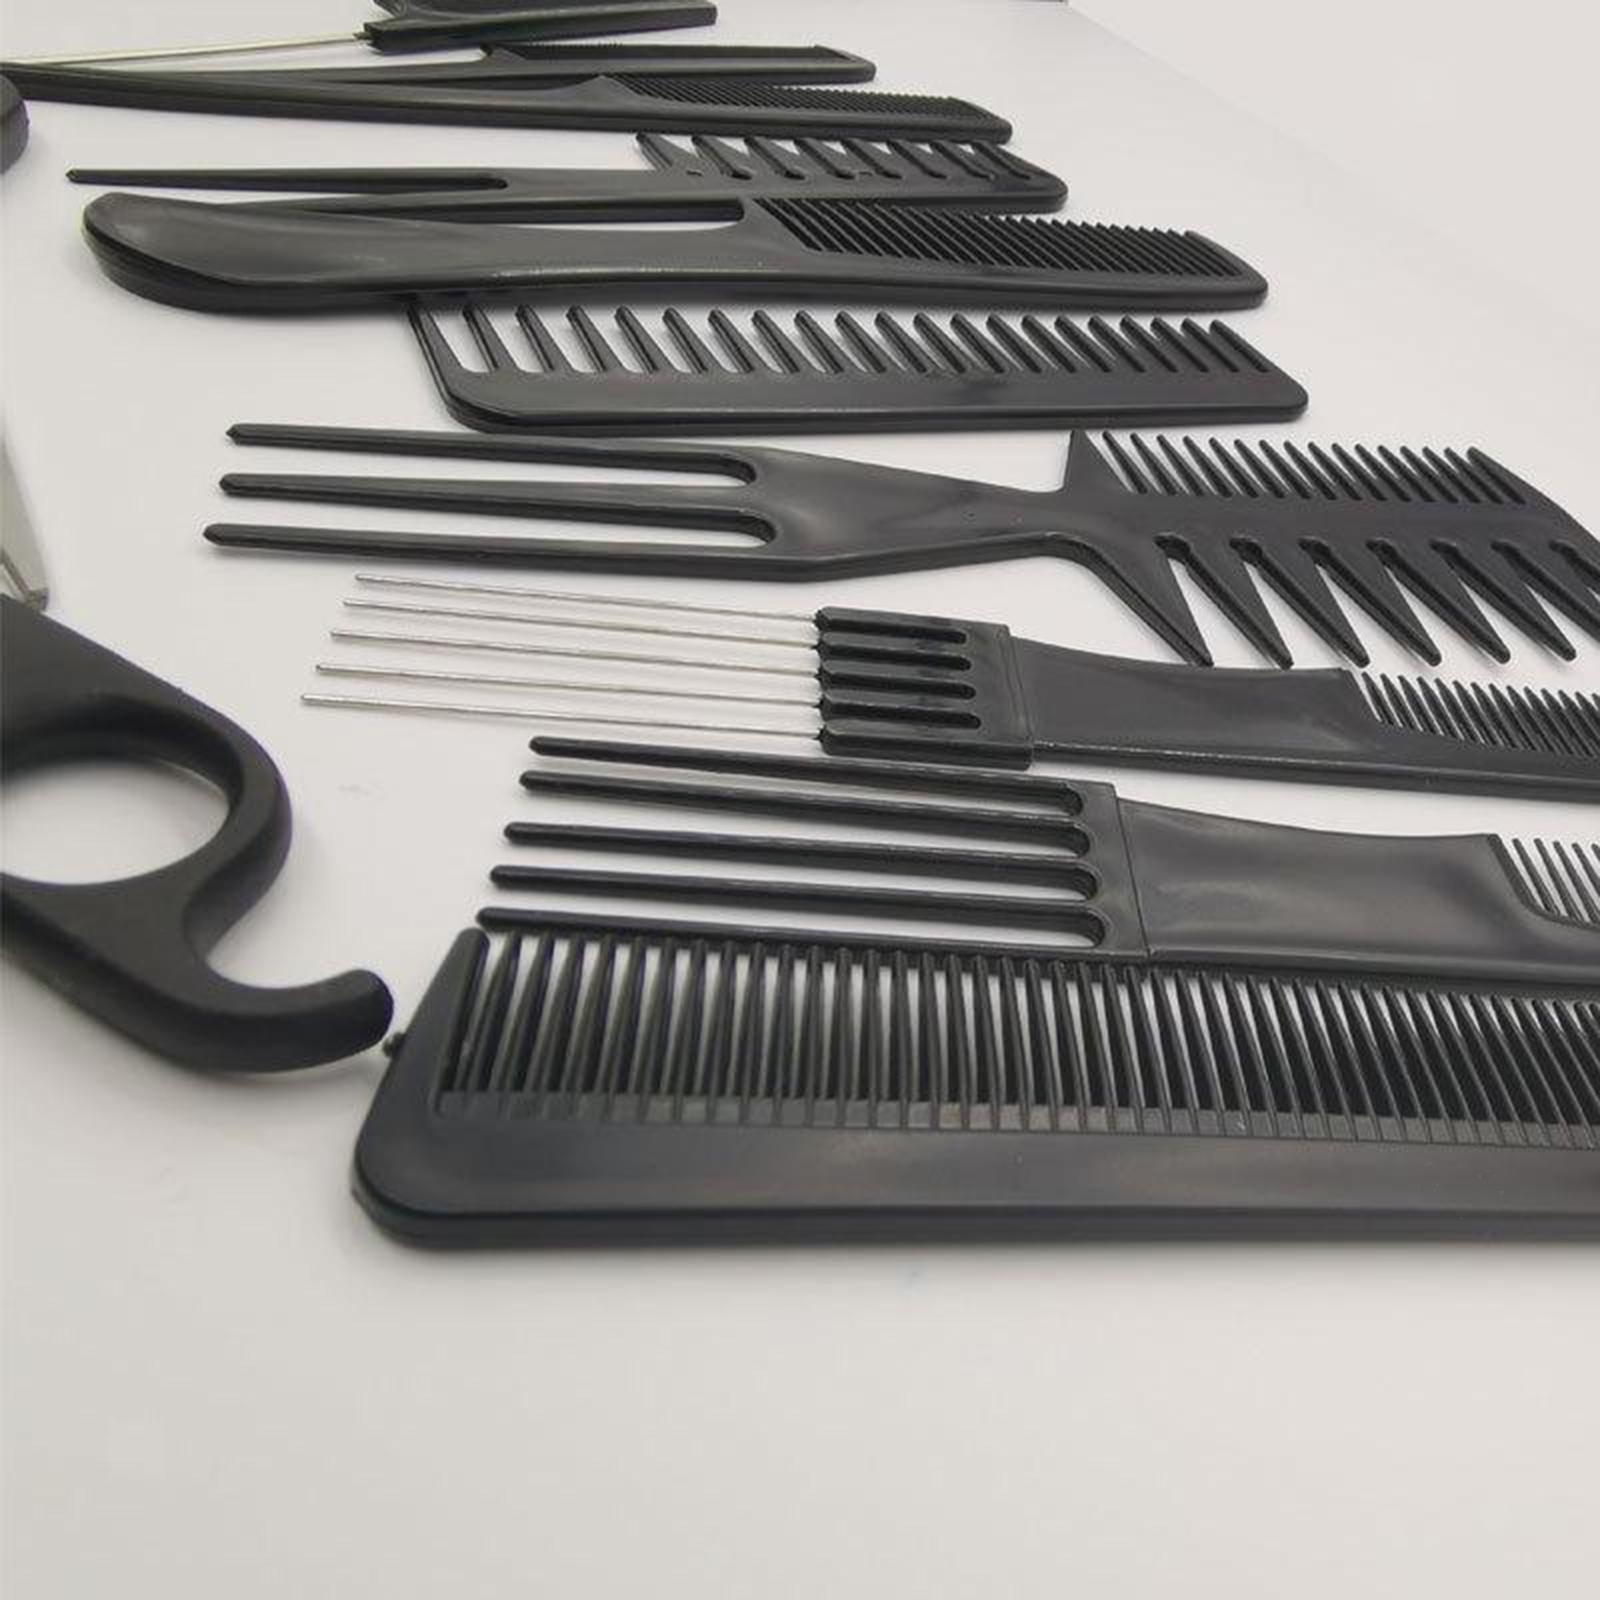 miniatura 13 - Parrucchiere barbiere spazzola per capelli pettine Set strumenti taglio capelli